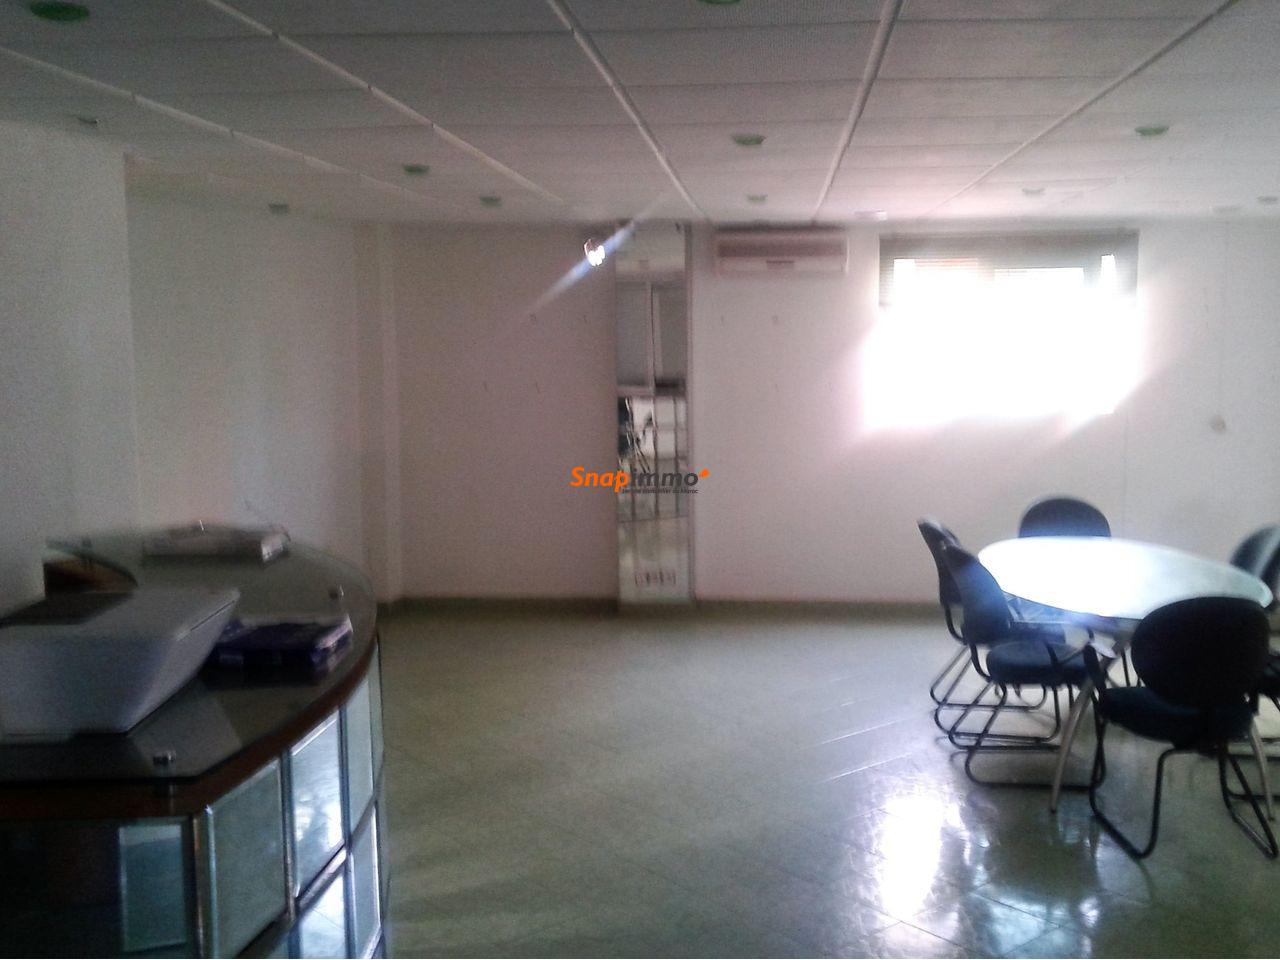 Plateau Bureau sur Bd Moulay Youssef - 2/4